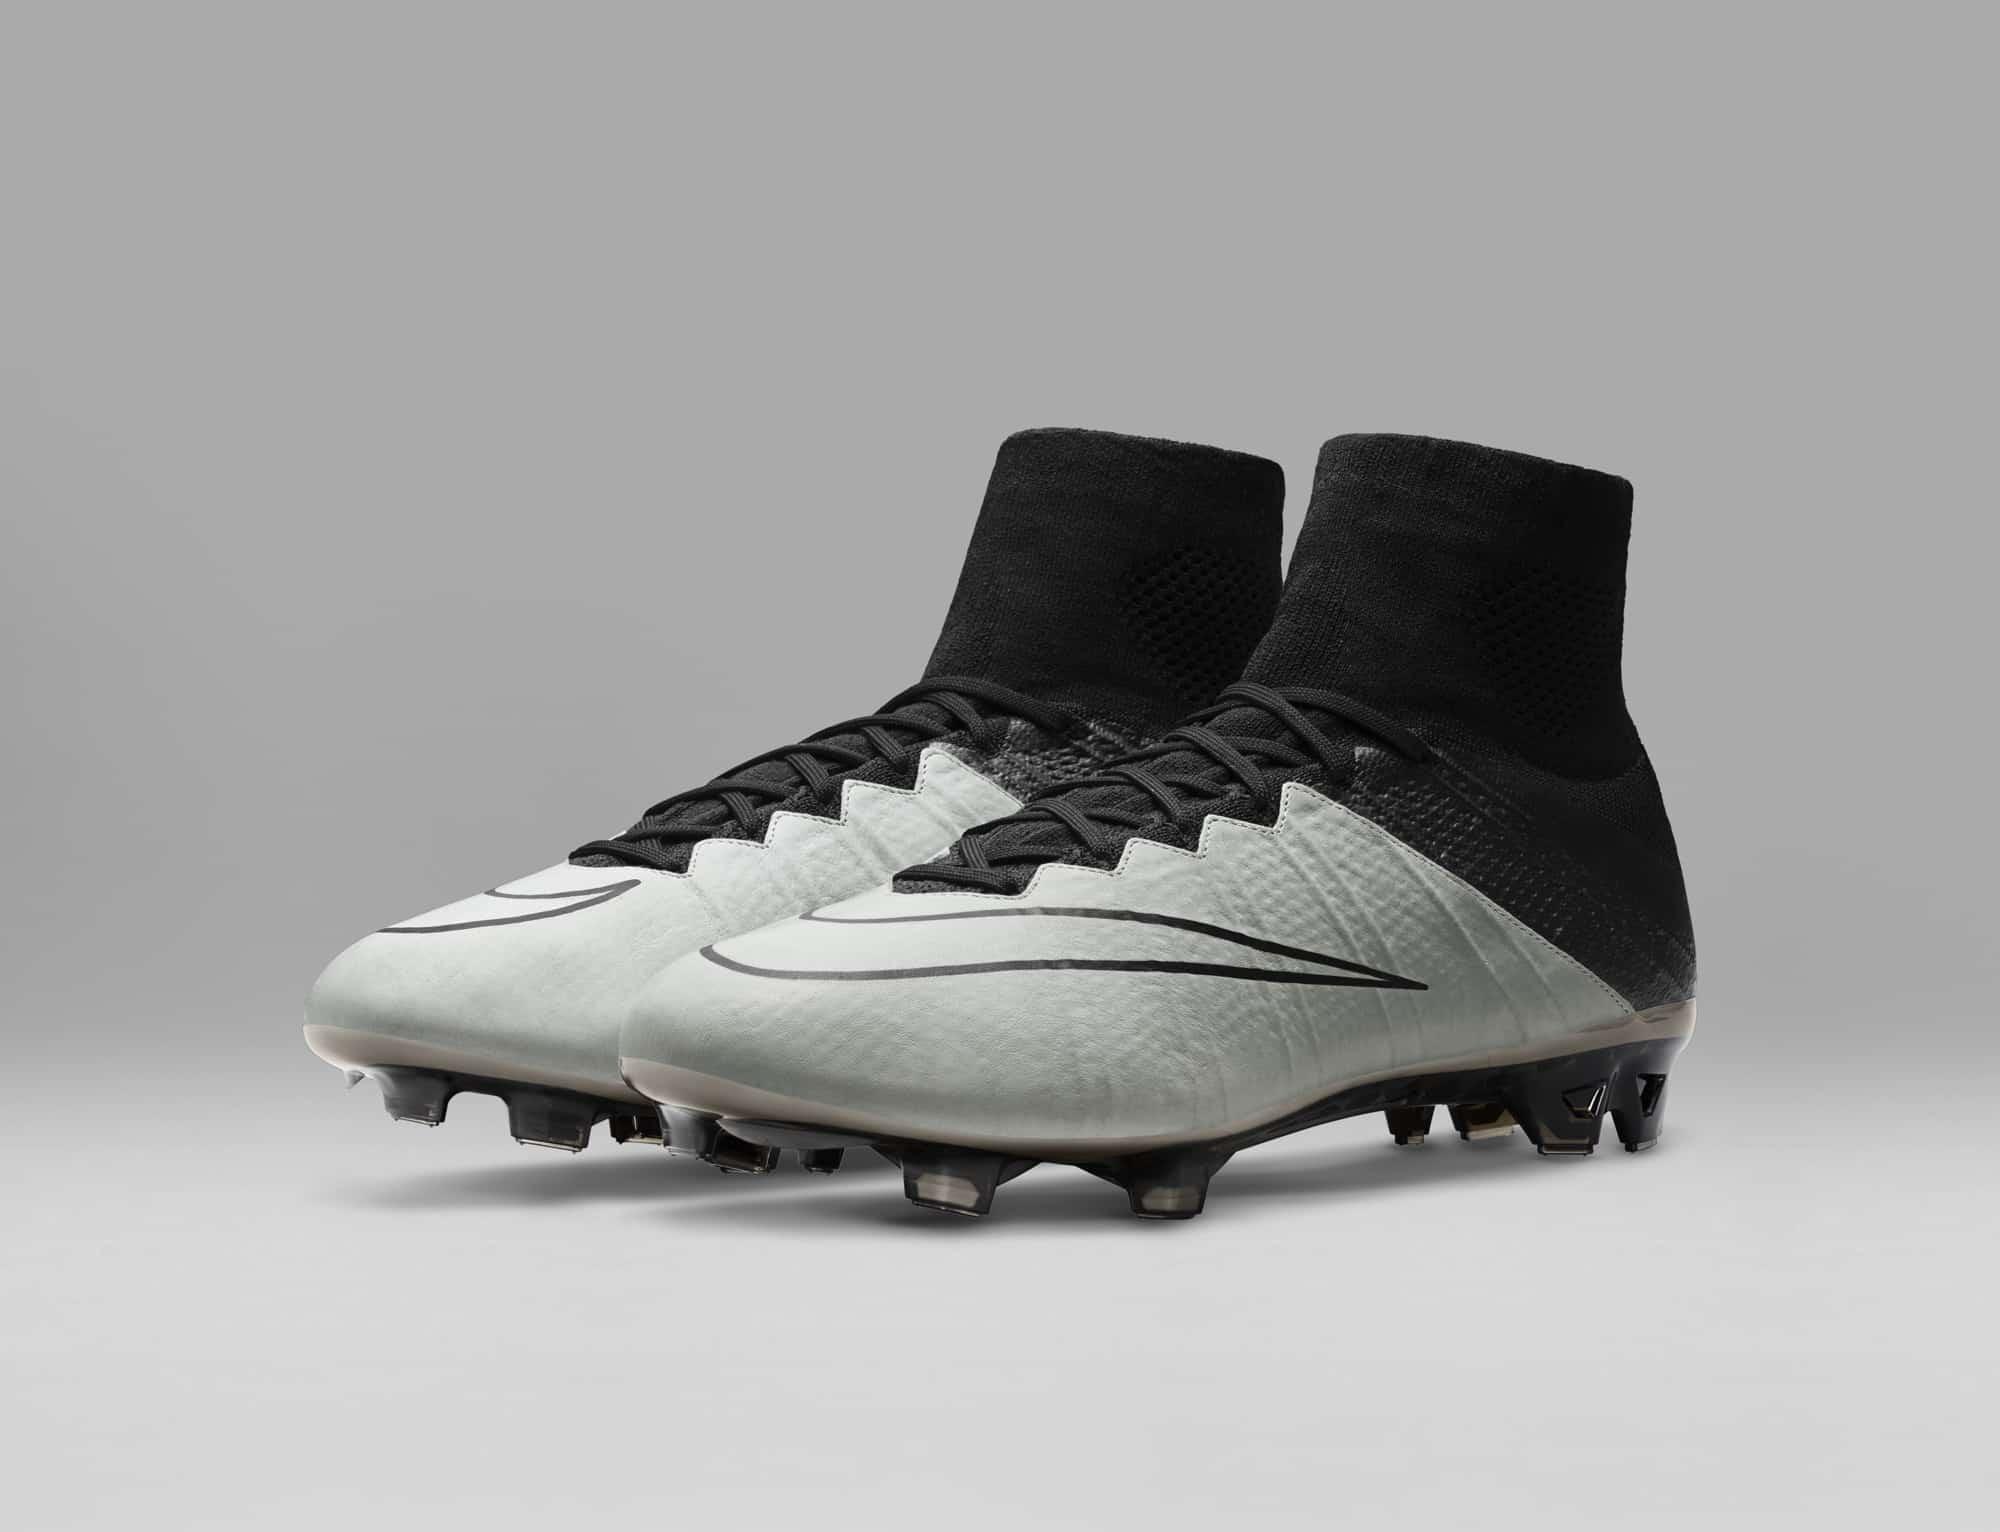 Nike sort la collection Tech Craft III